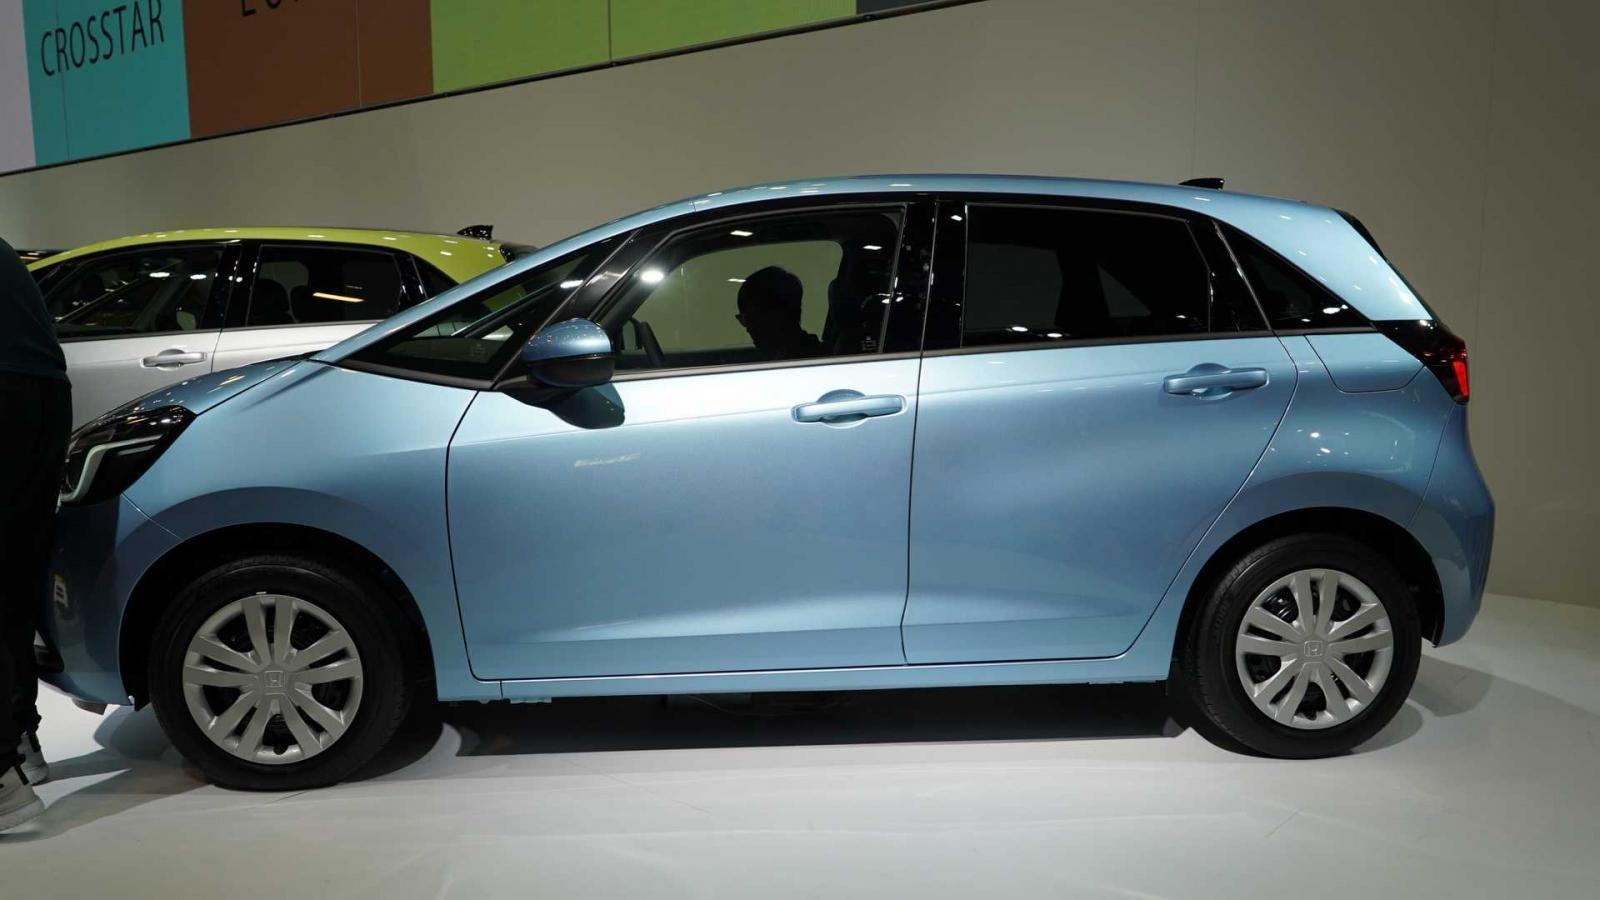 Đánh giá xe Honda Jazz 2020: chính diện thân xe